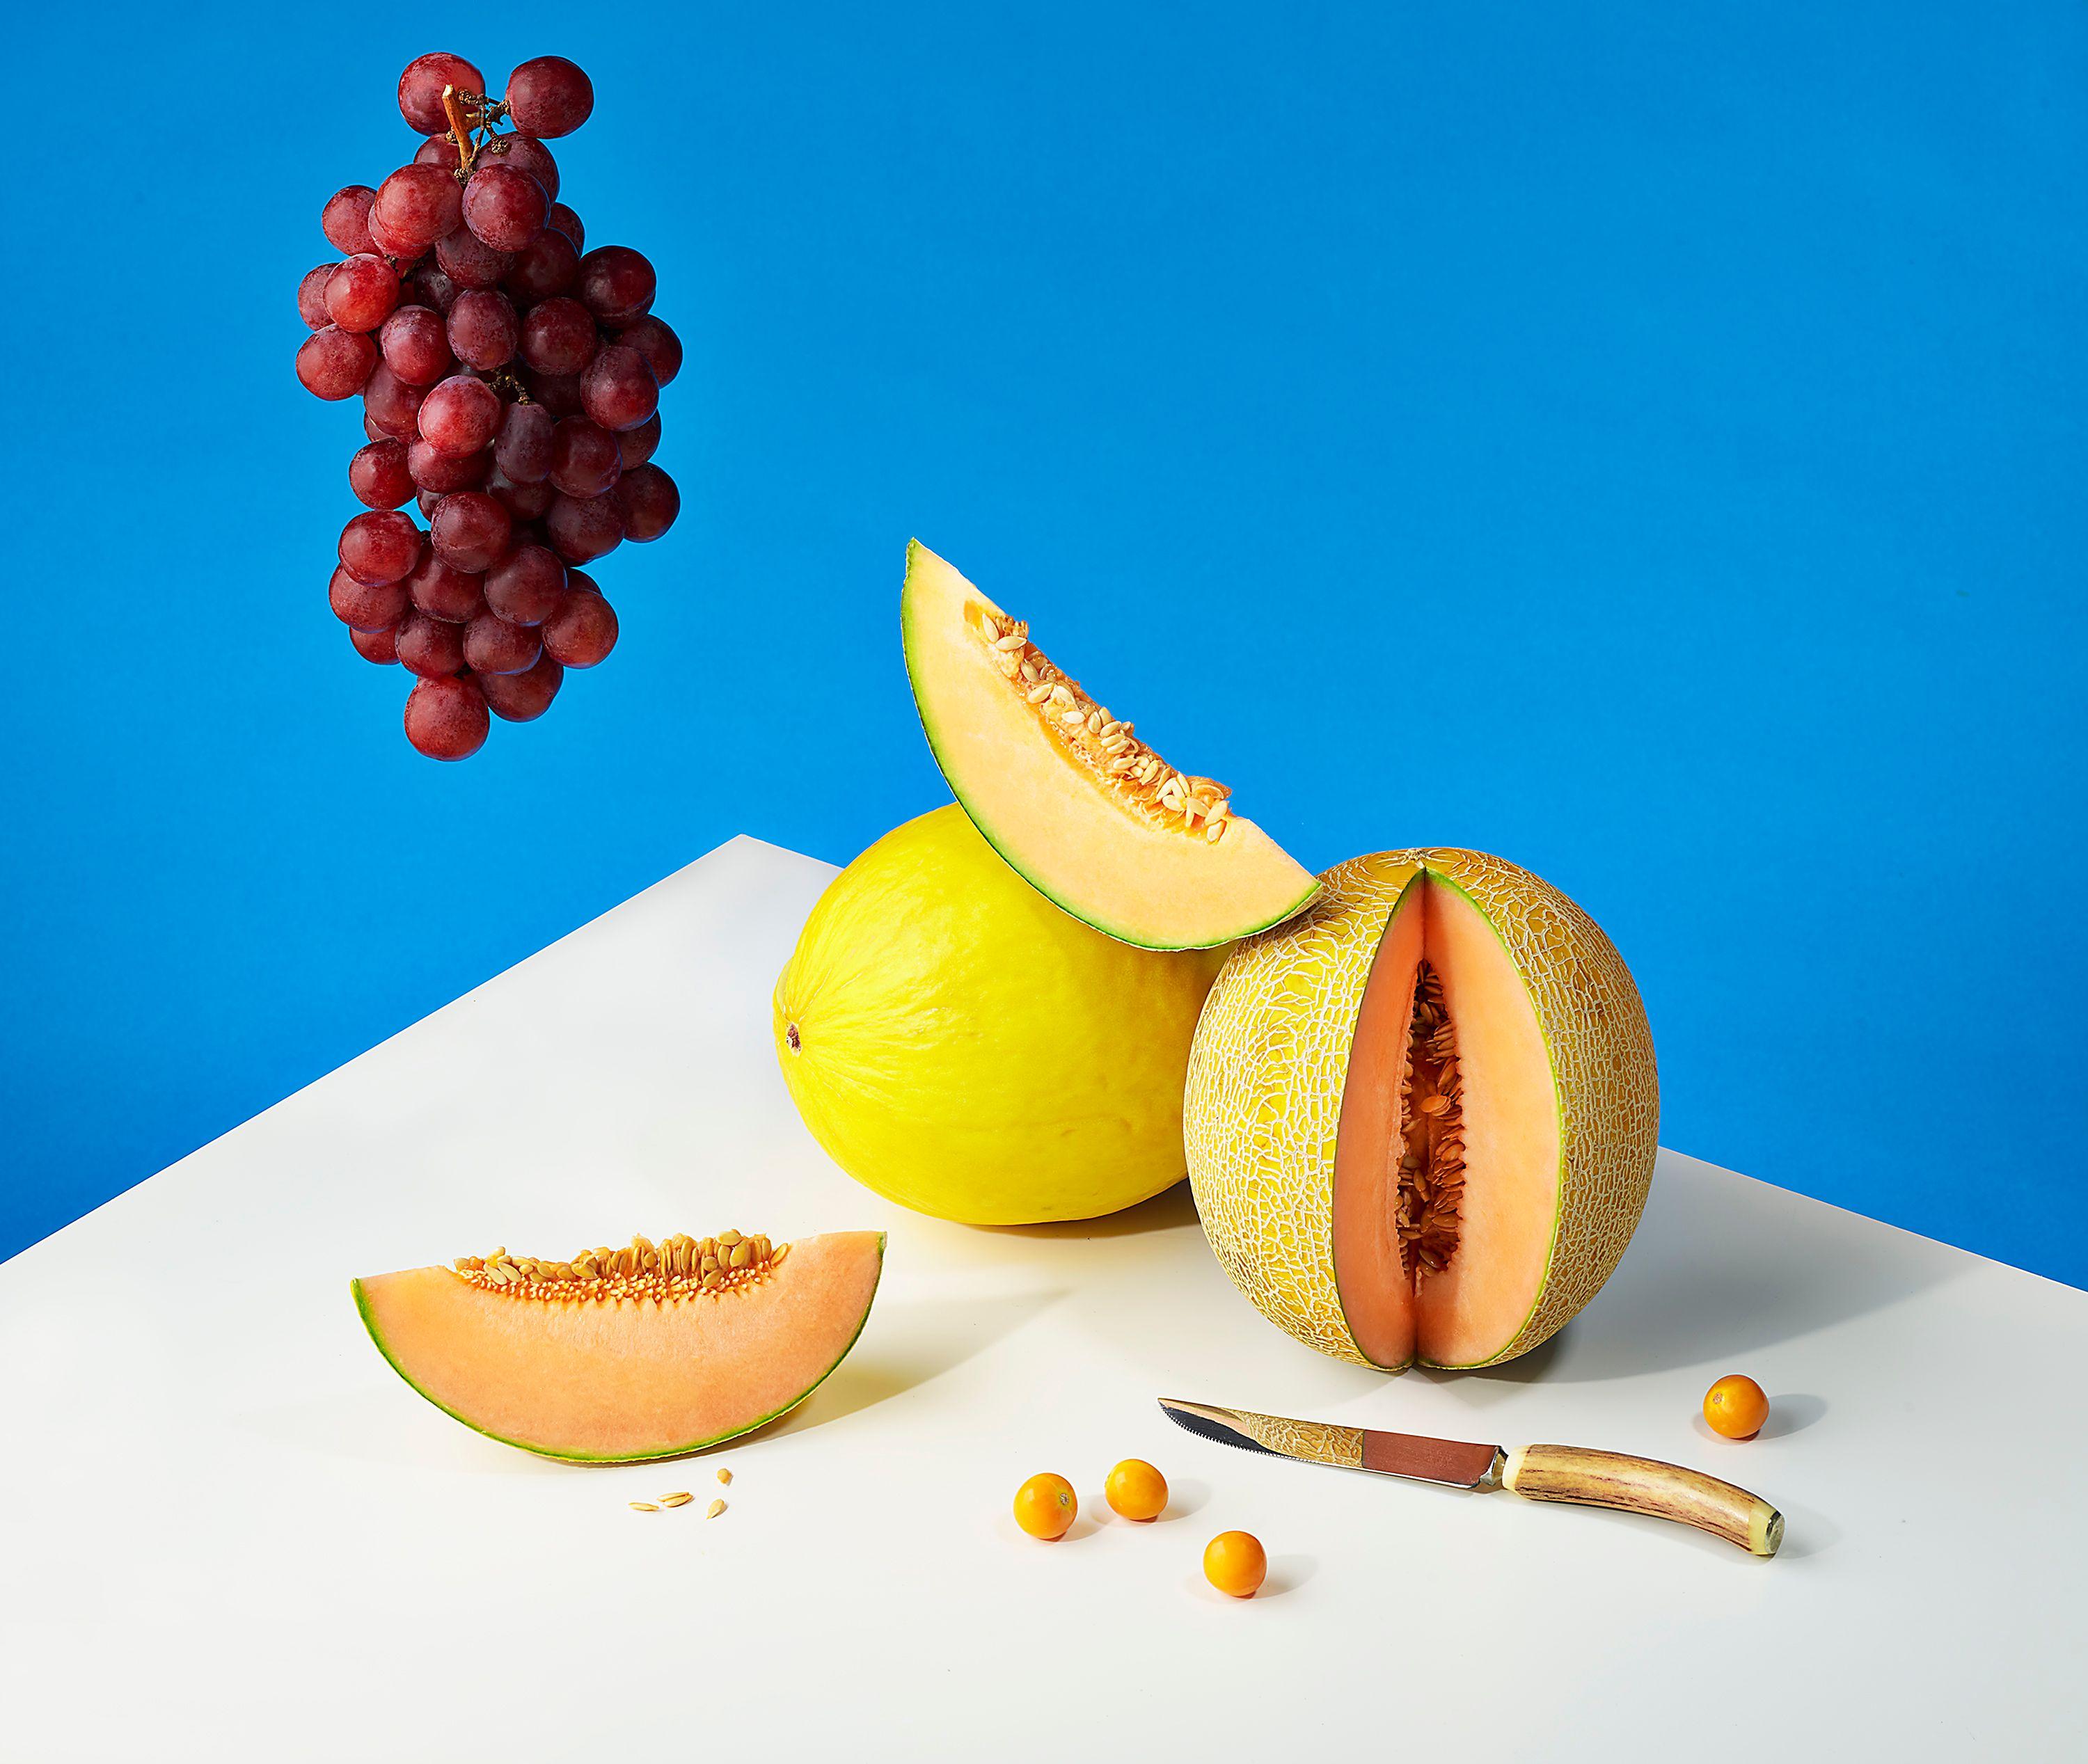 Fruit_Blue_1267.jpg